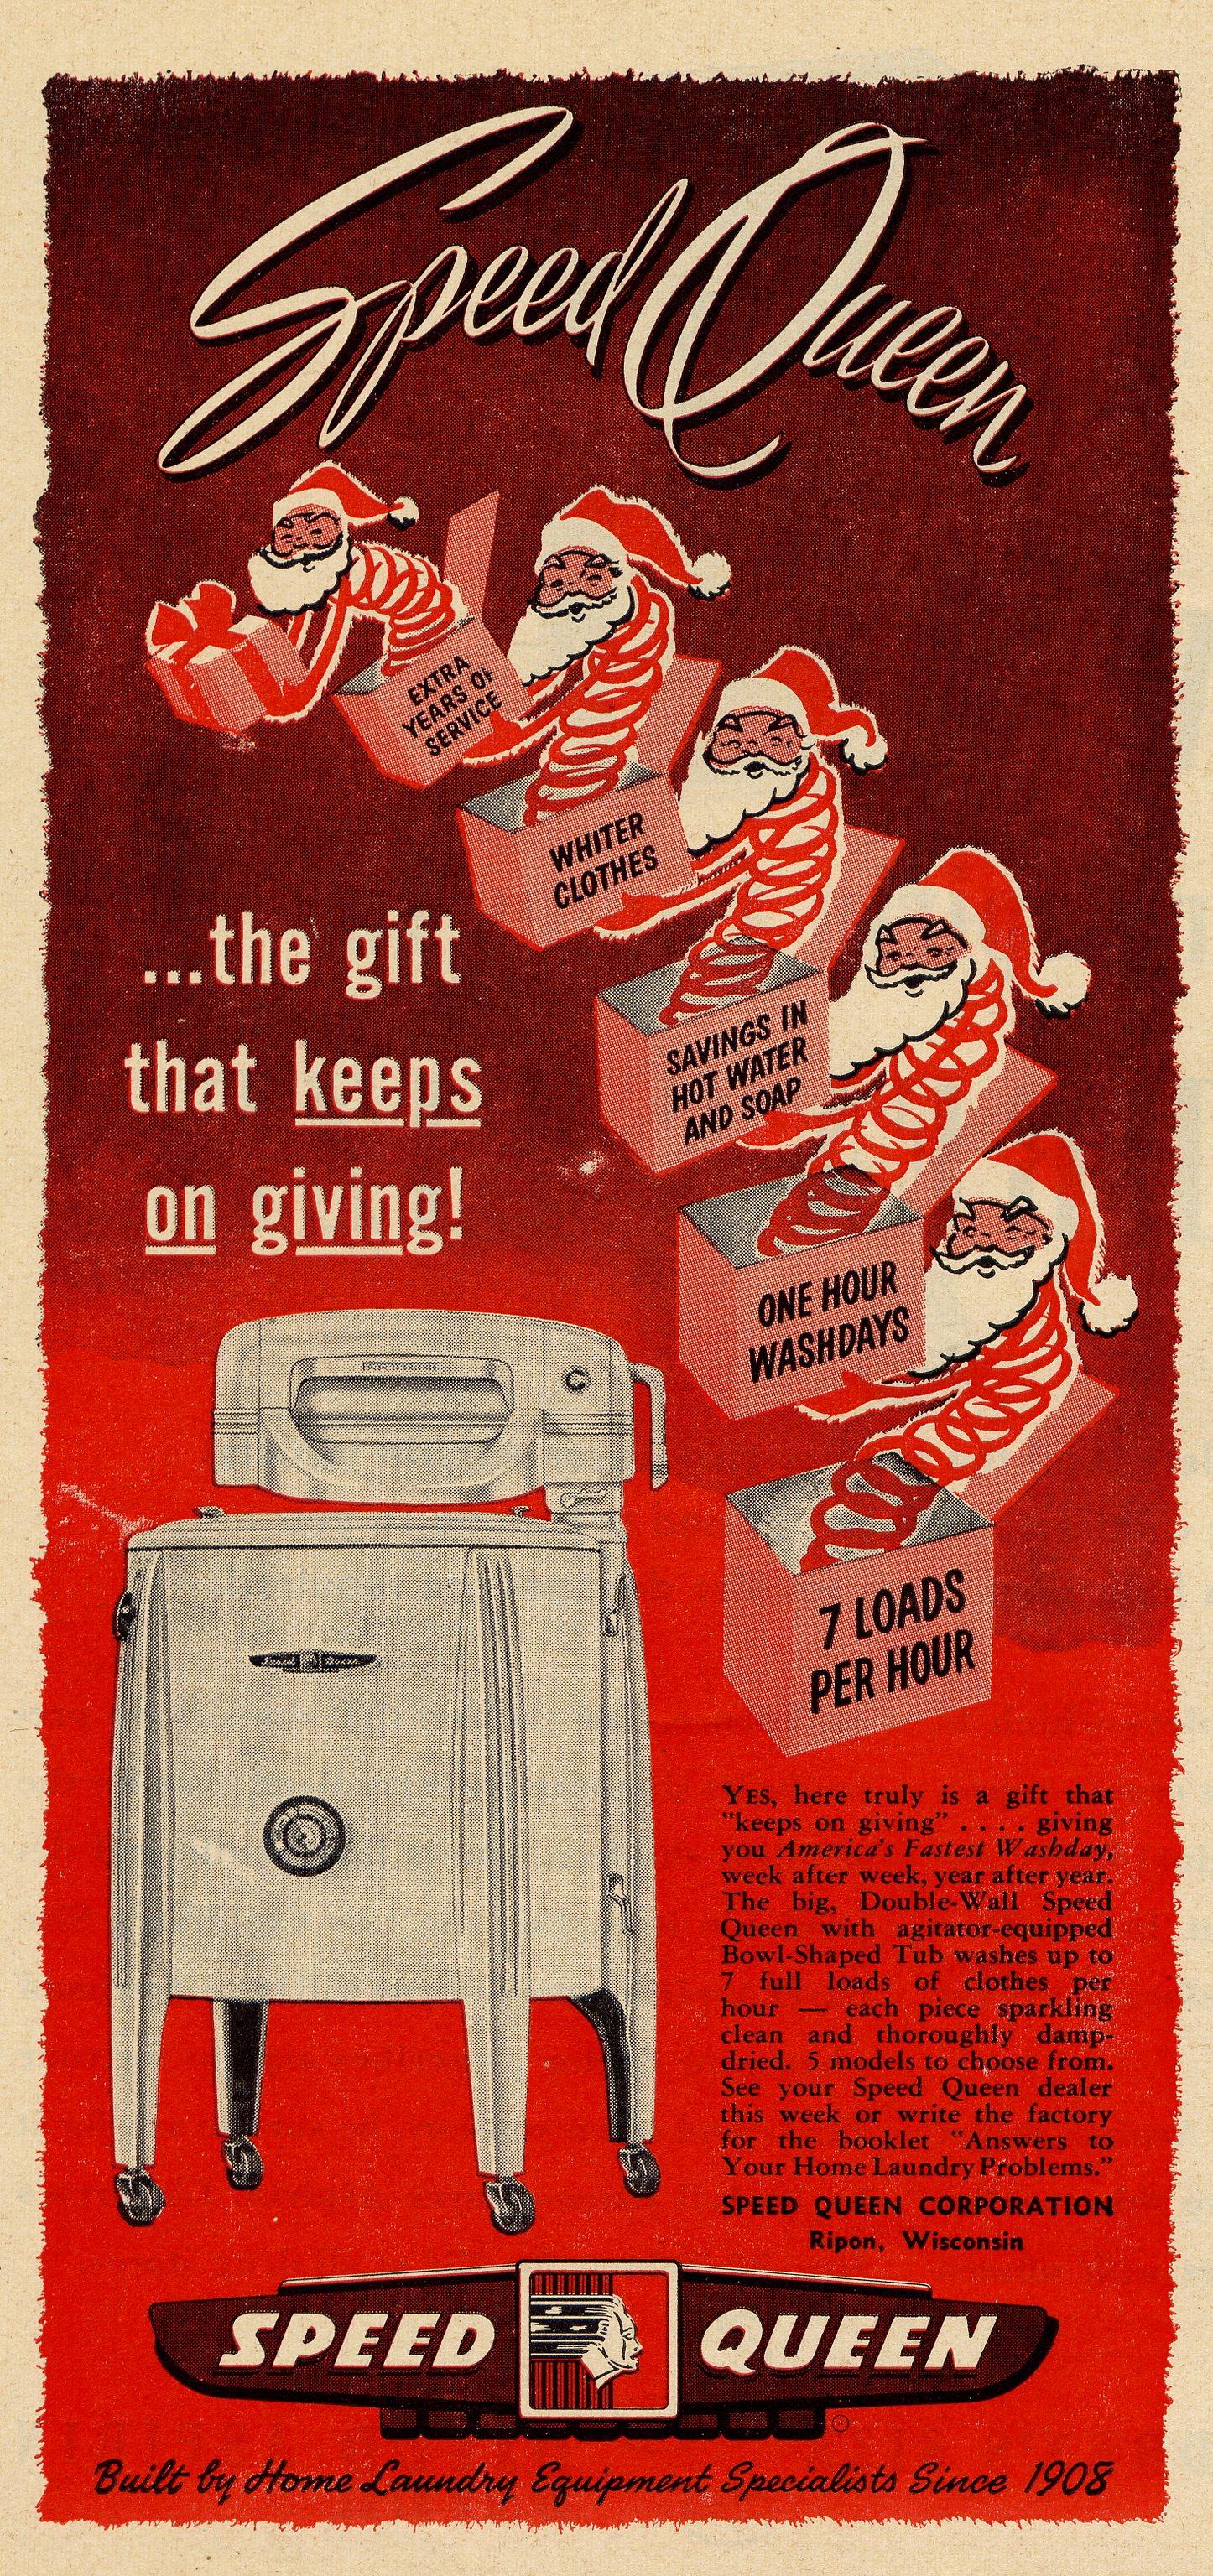 Speed Queen Corporation - December 1949